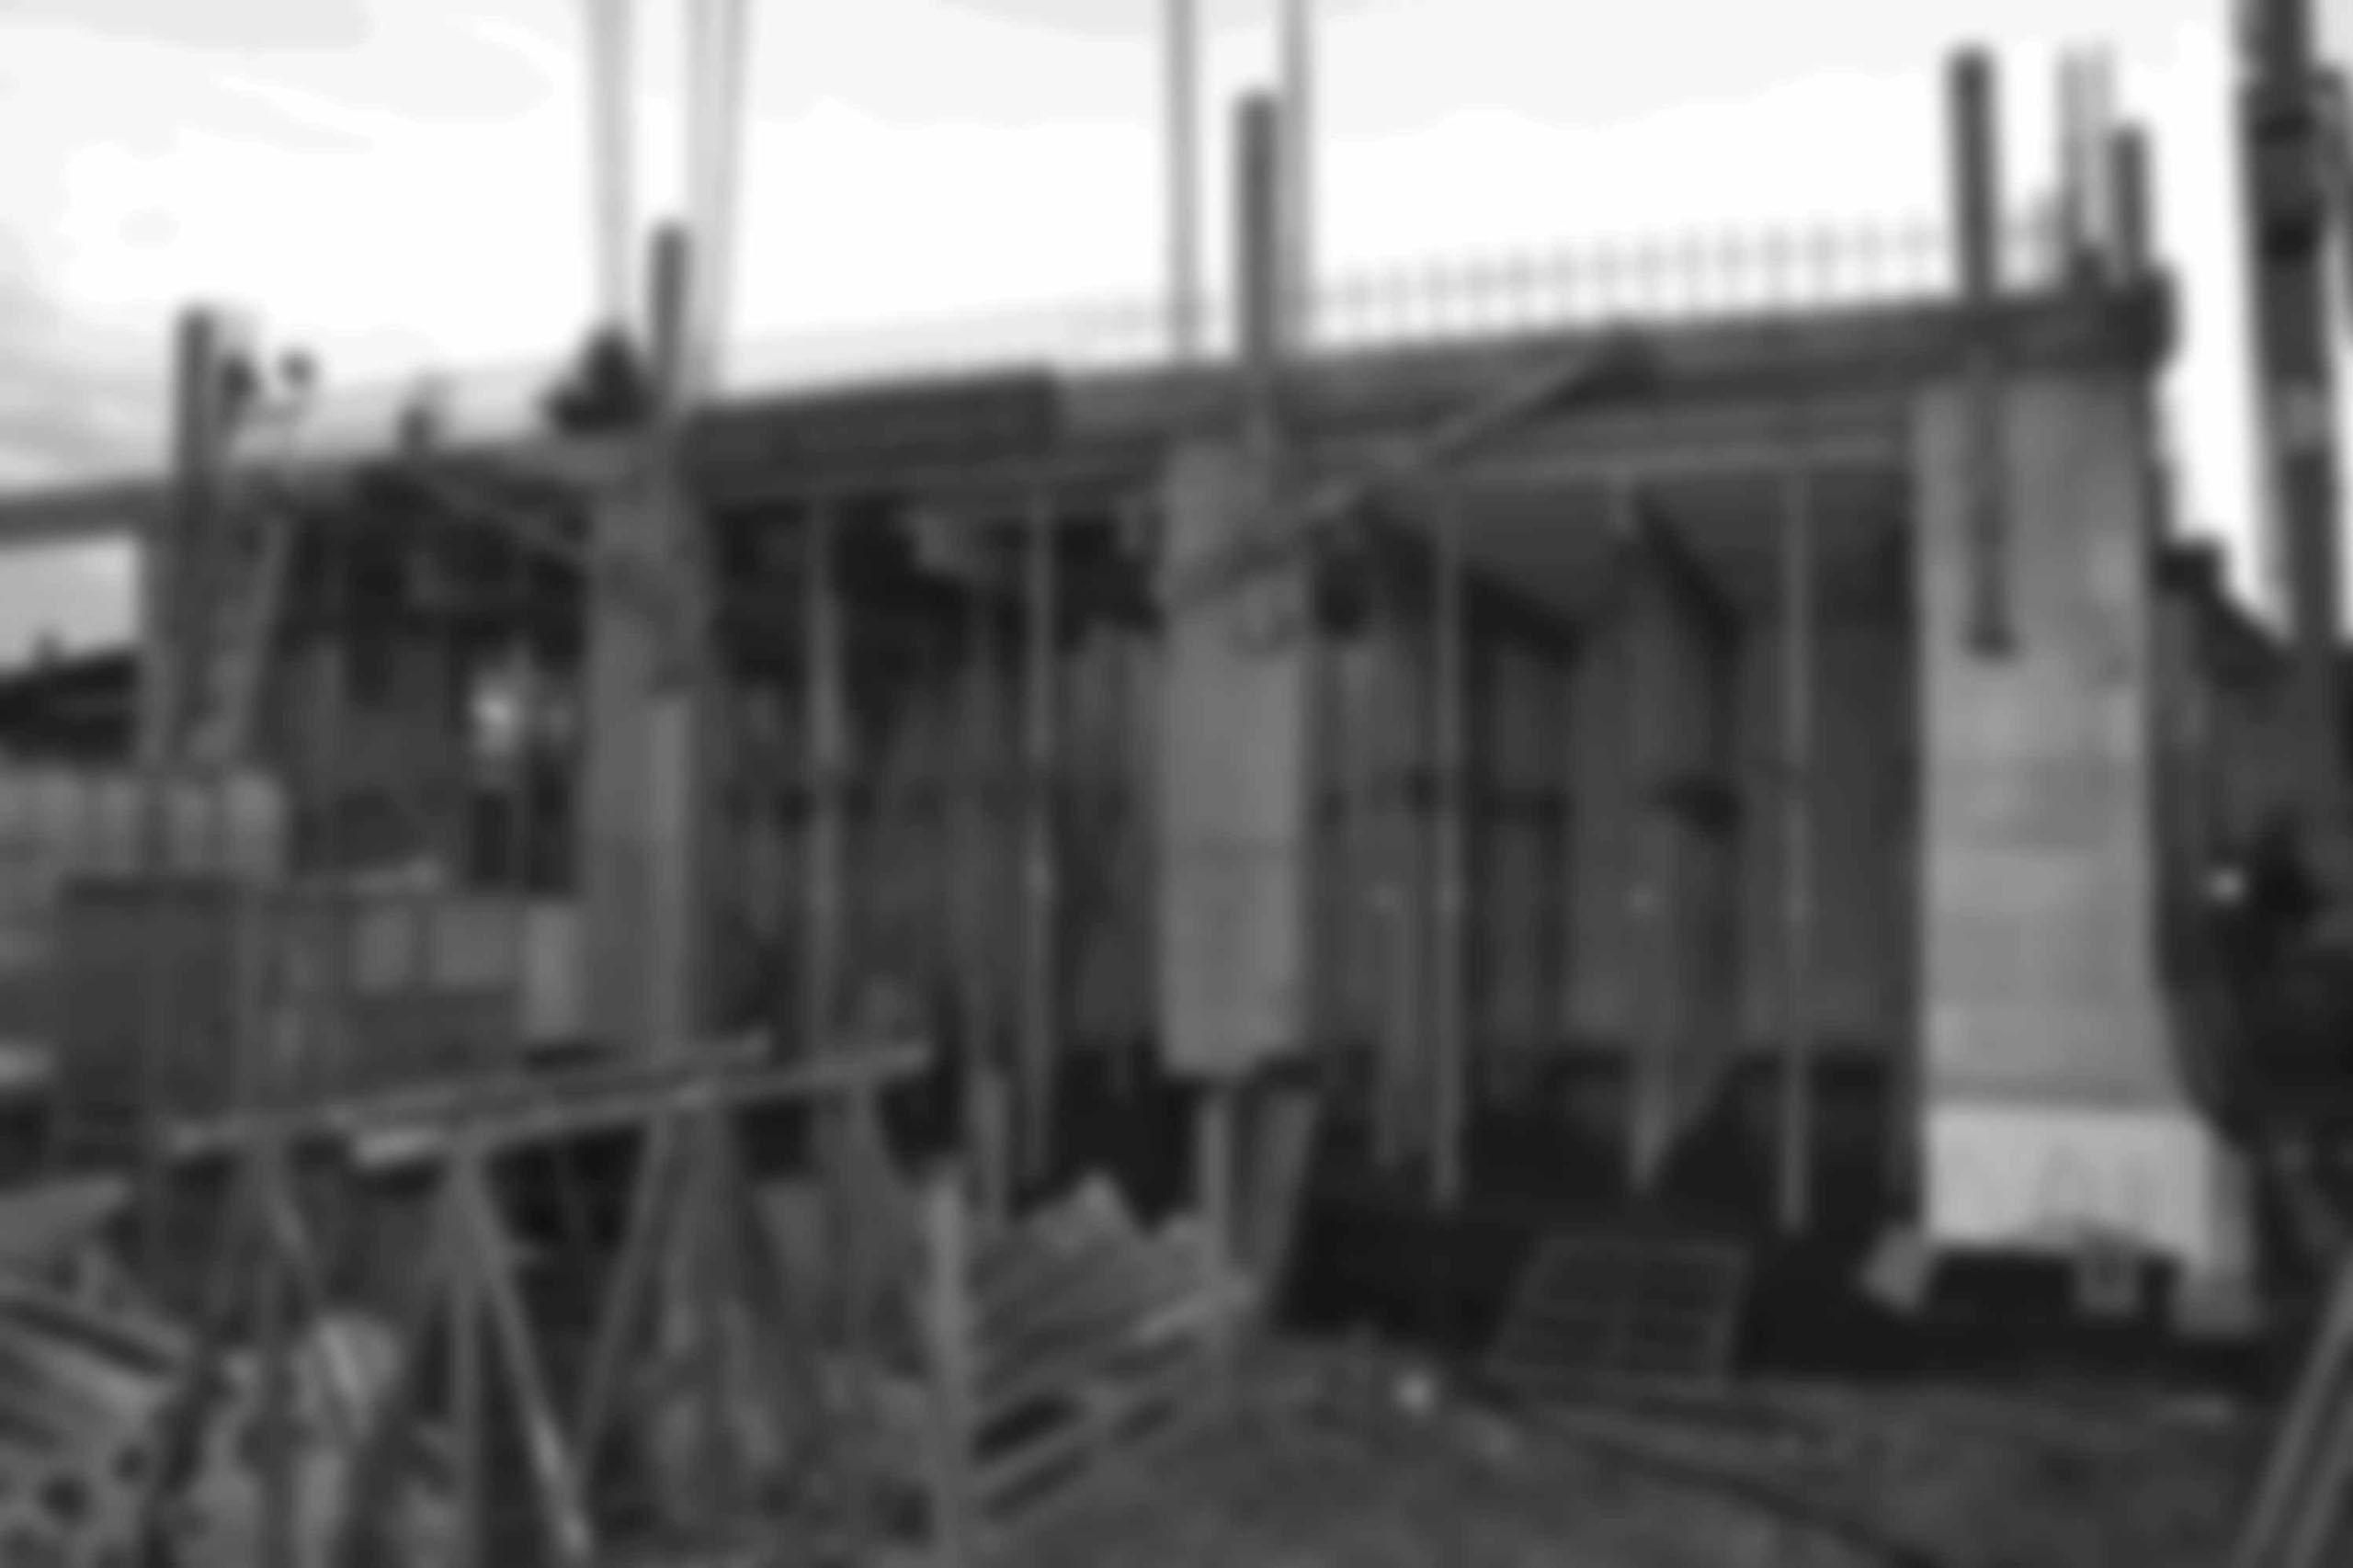 Bauunternehmen Lingen hock bauunternehmen